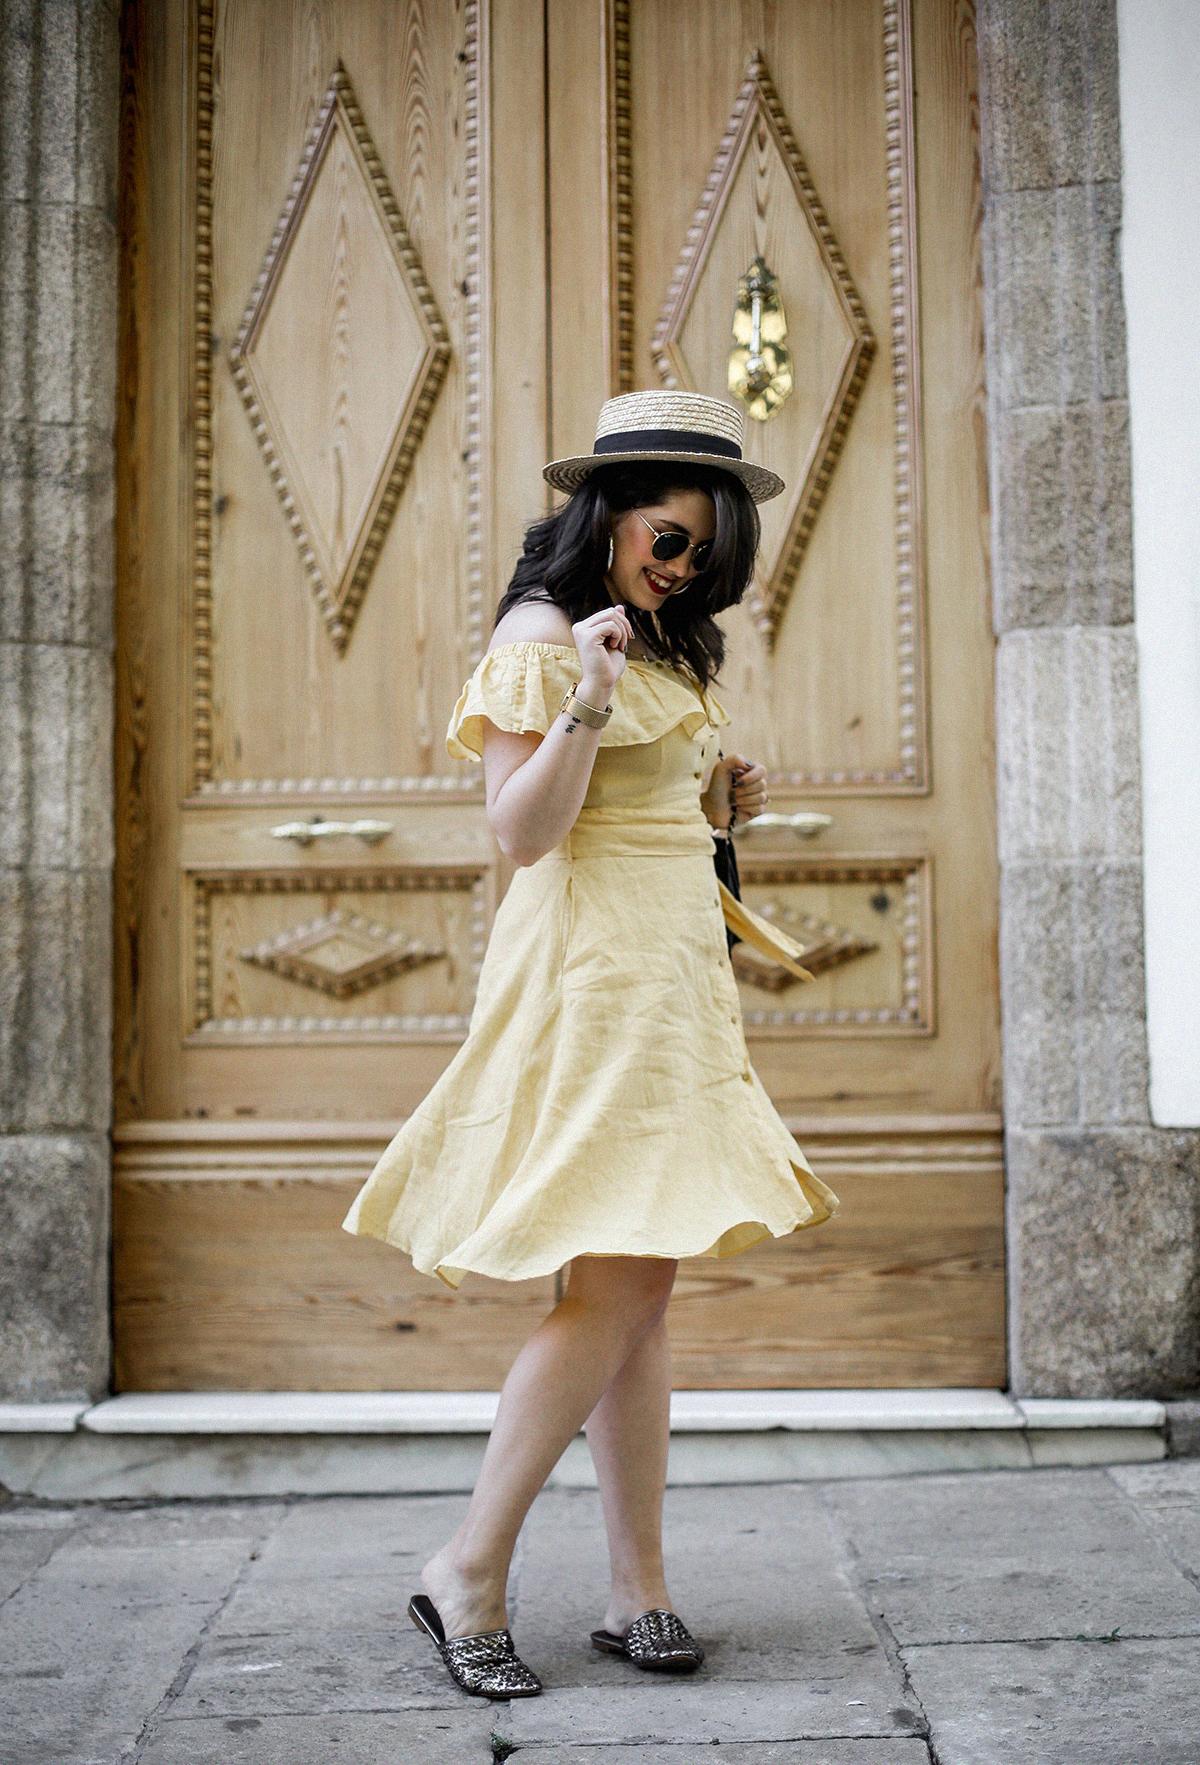 vestido-amarillo-hombros-descubiertos-zara-chanel-vintage-vestiaire-collective13